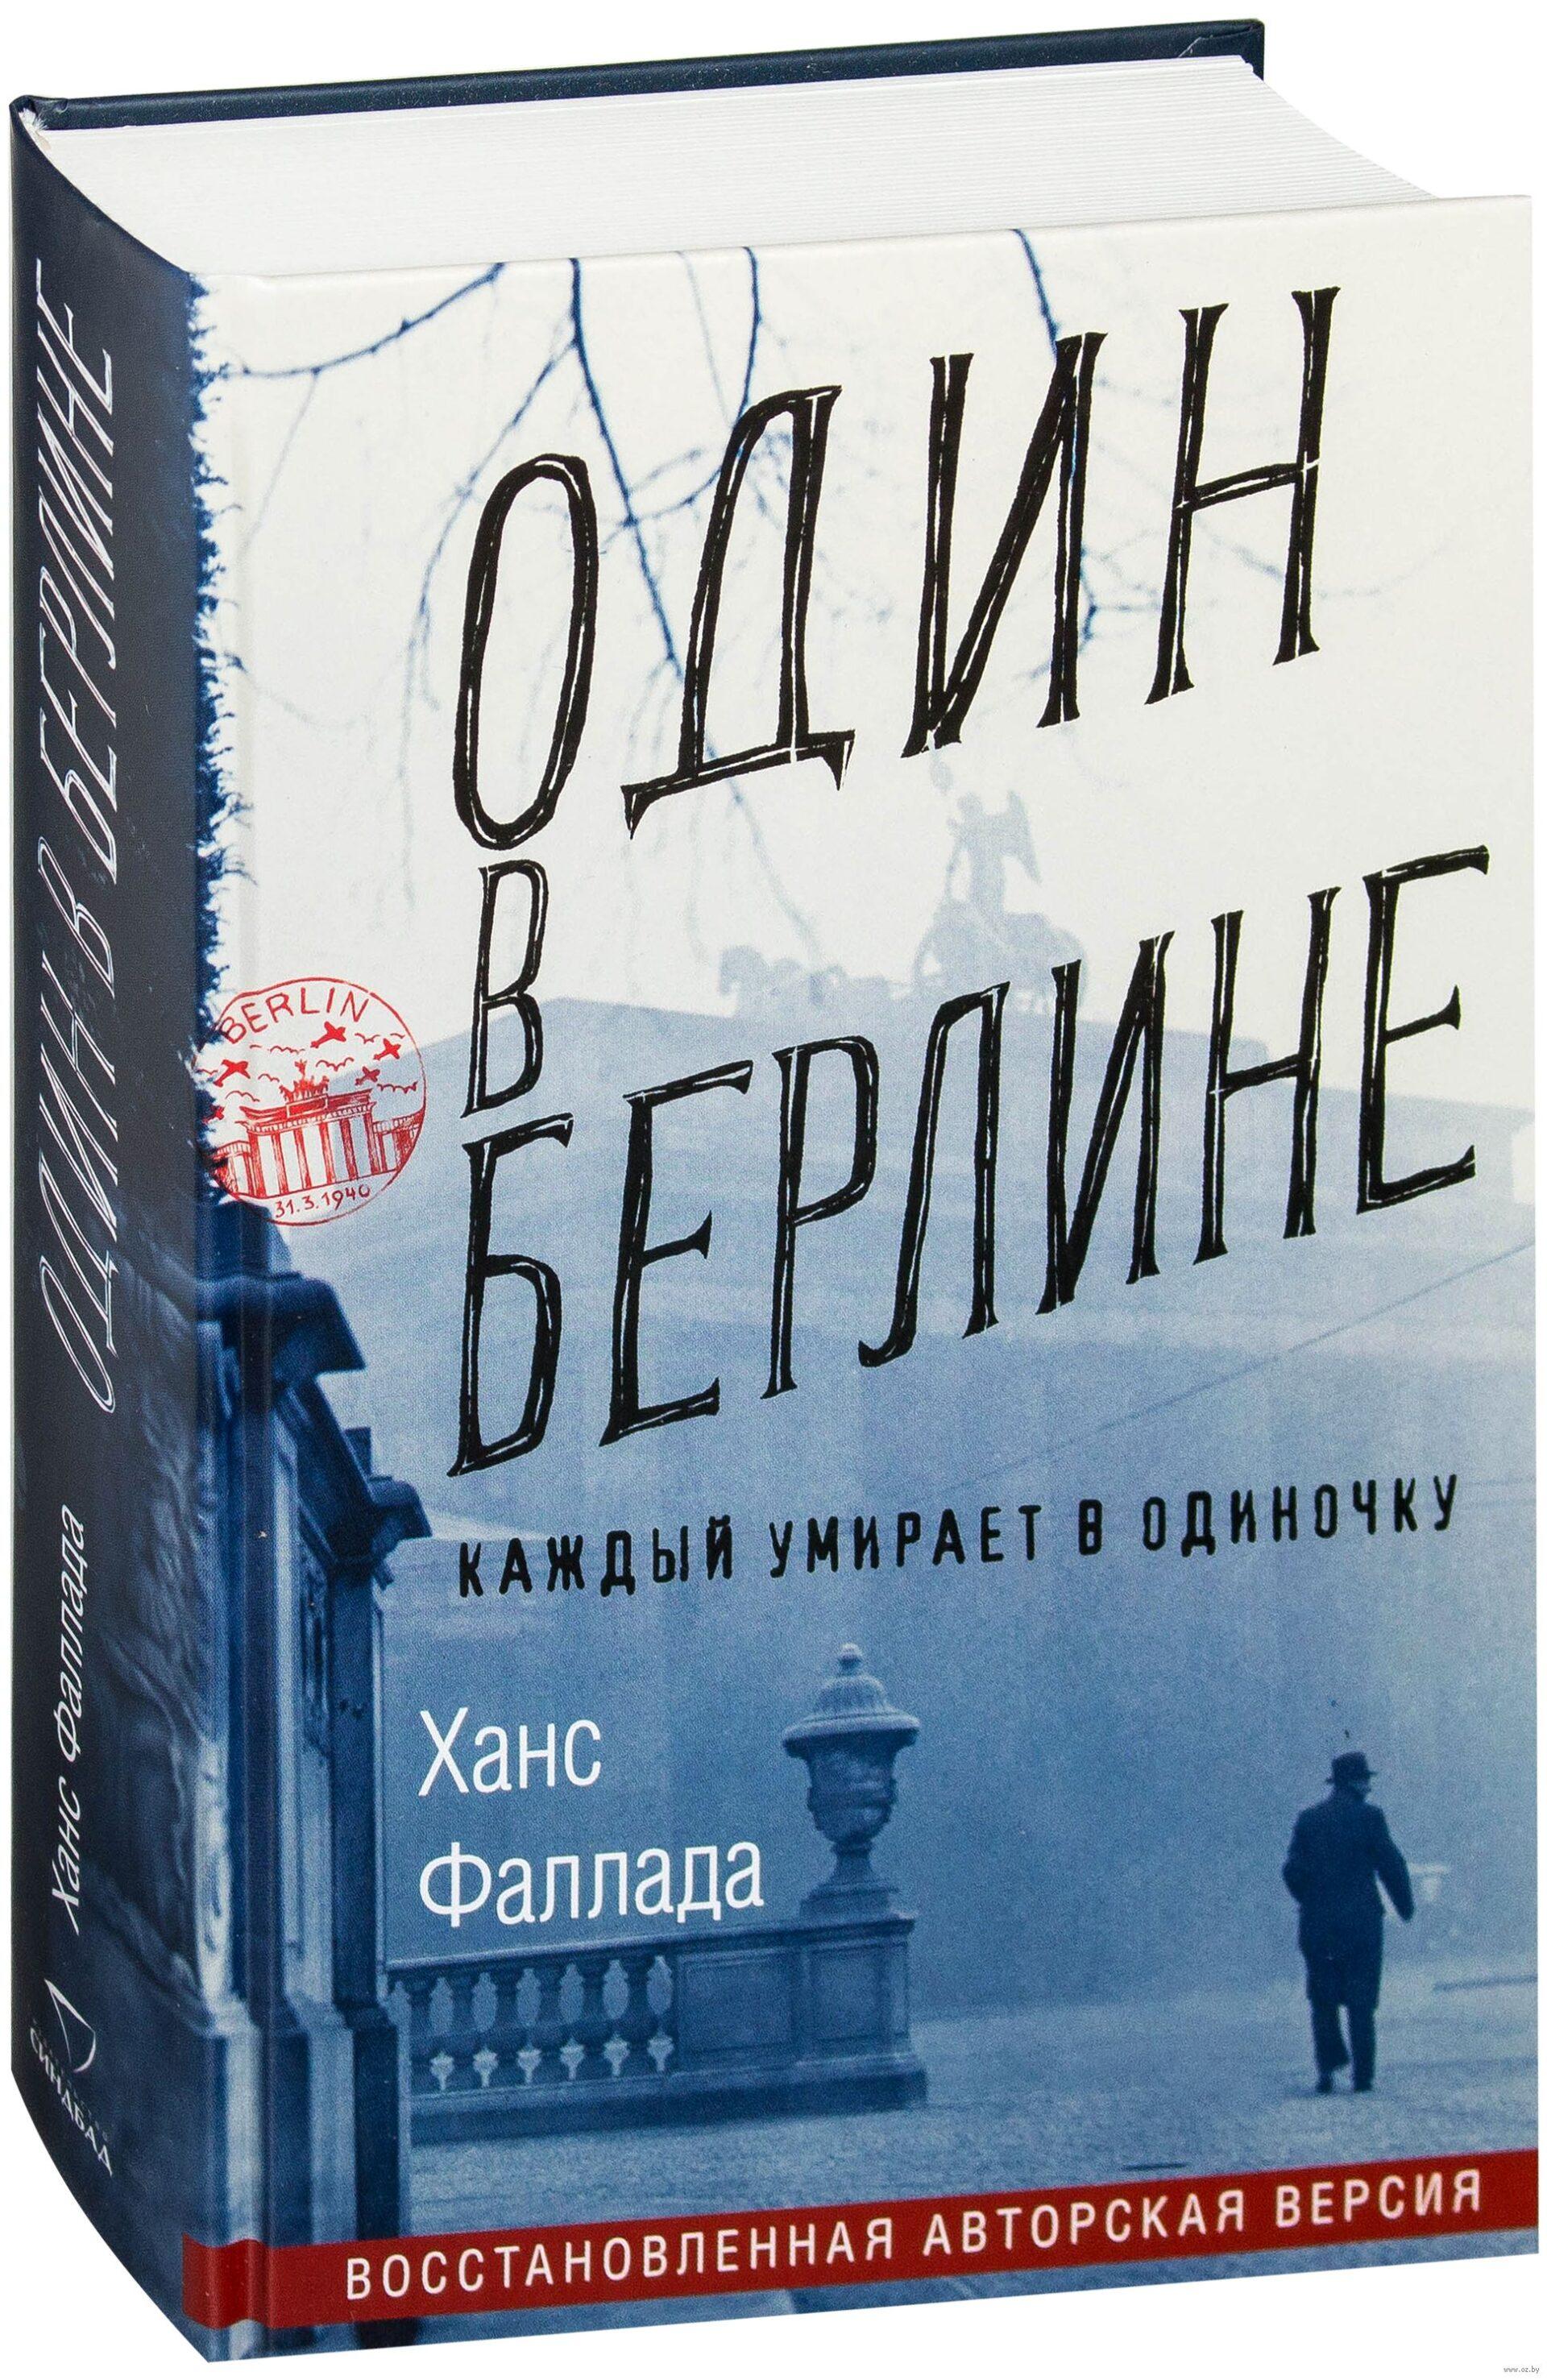 Самая переписанная книга о войне.  Ханс Фаллада «Один в Берлине»